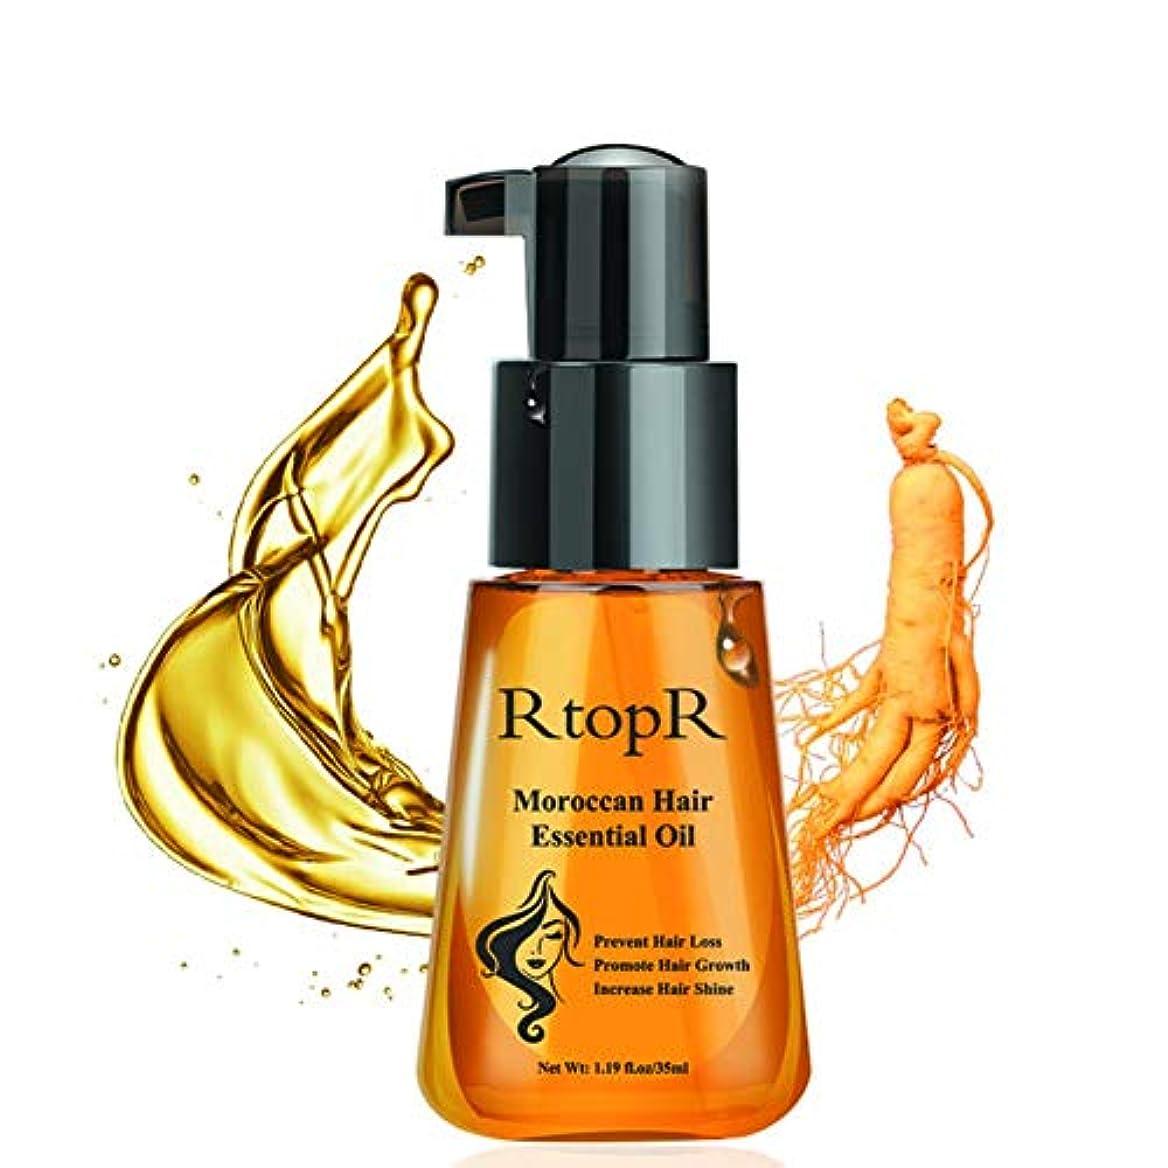 瞑想する大惨事割合SILUN モロッコアルガン ヘアケア ヘアオイル エッセンスオイル 栄養補給 天然オイル ヘアケア修復保護 乾燥毛髪 損傷毛髪 保湿